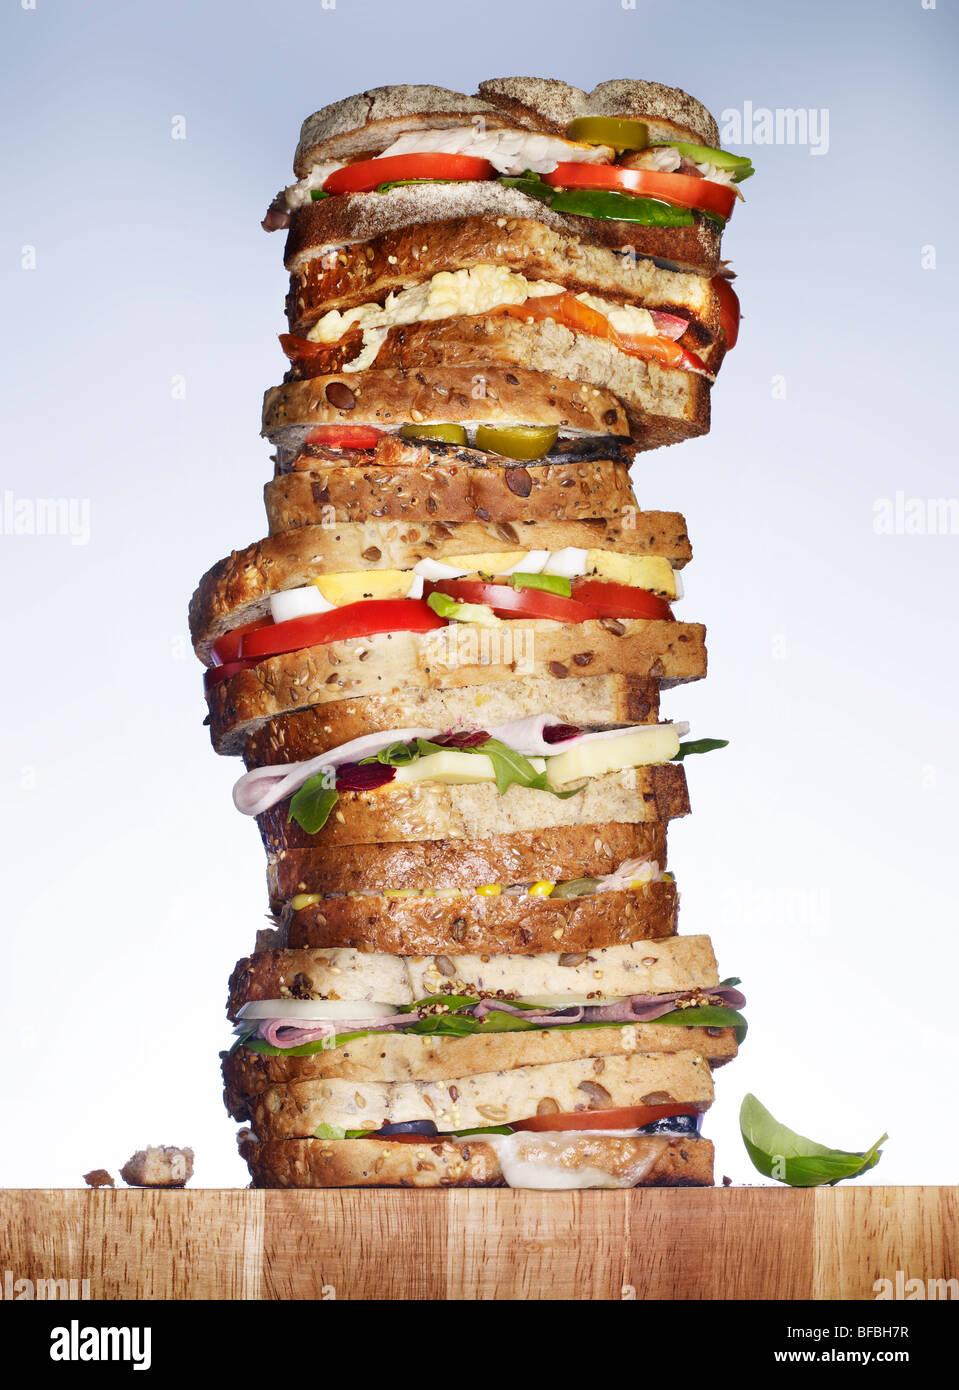 Una pila de sándwiches. Imagen De Stock